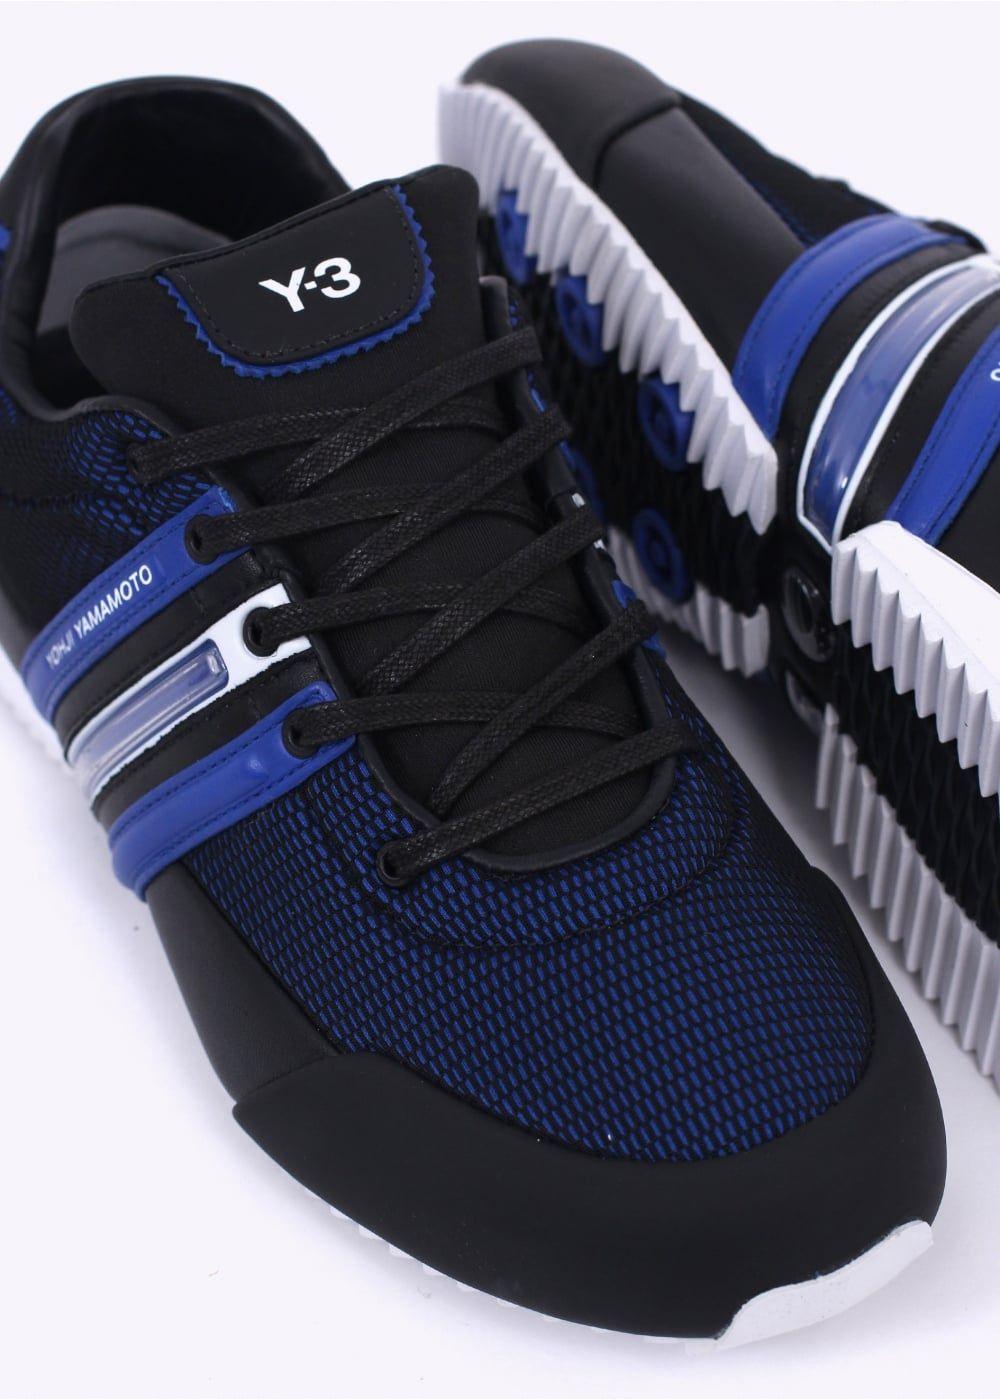 adidas y3 sprint trainers sale